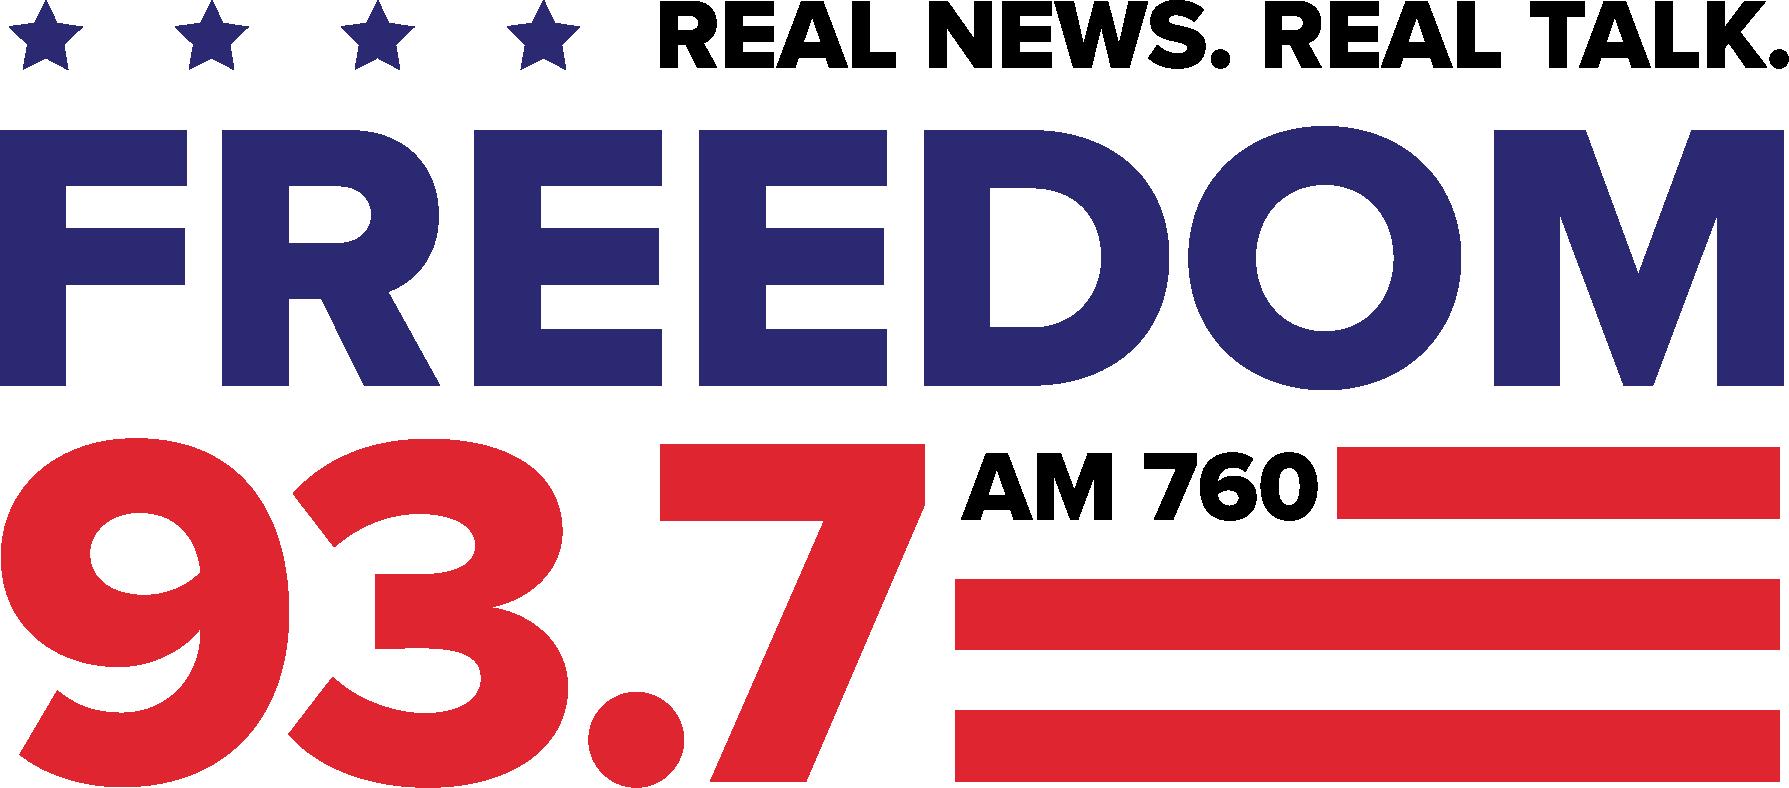 Freedom 93.7 - iHeart Media